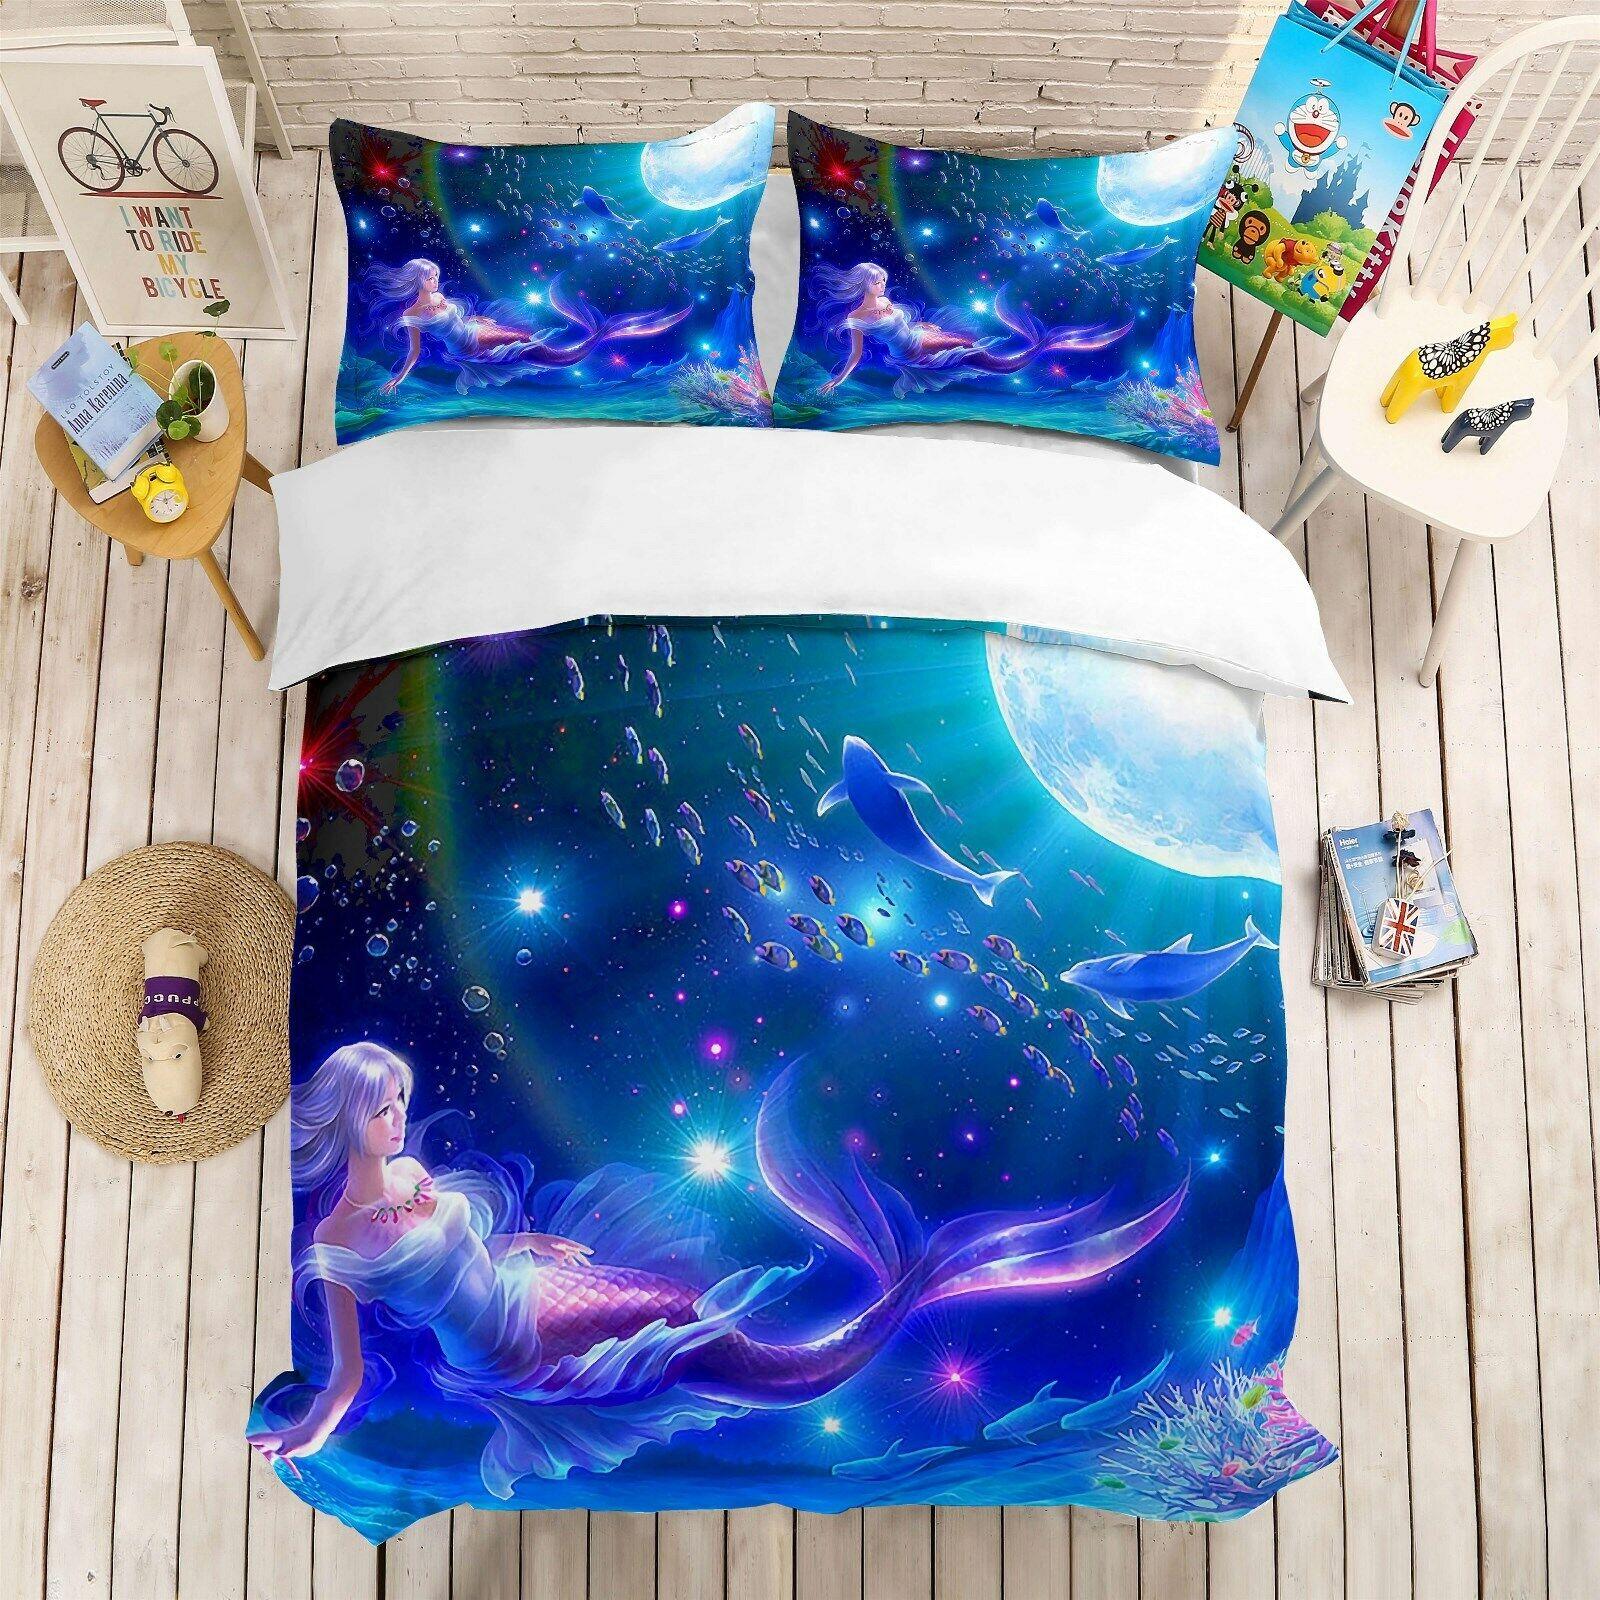 3D Dream Mermaid Girls Bedding Set Duvet Cover Comforter Cover Pillow Case